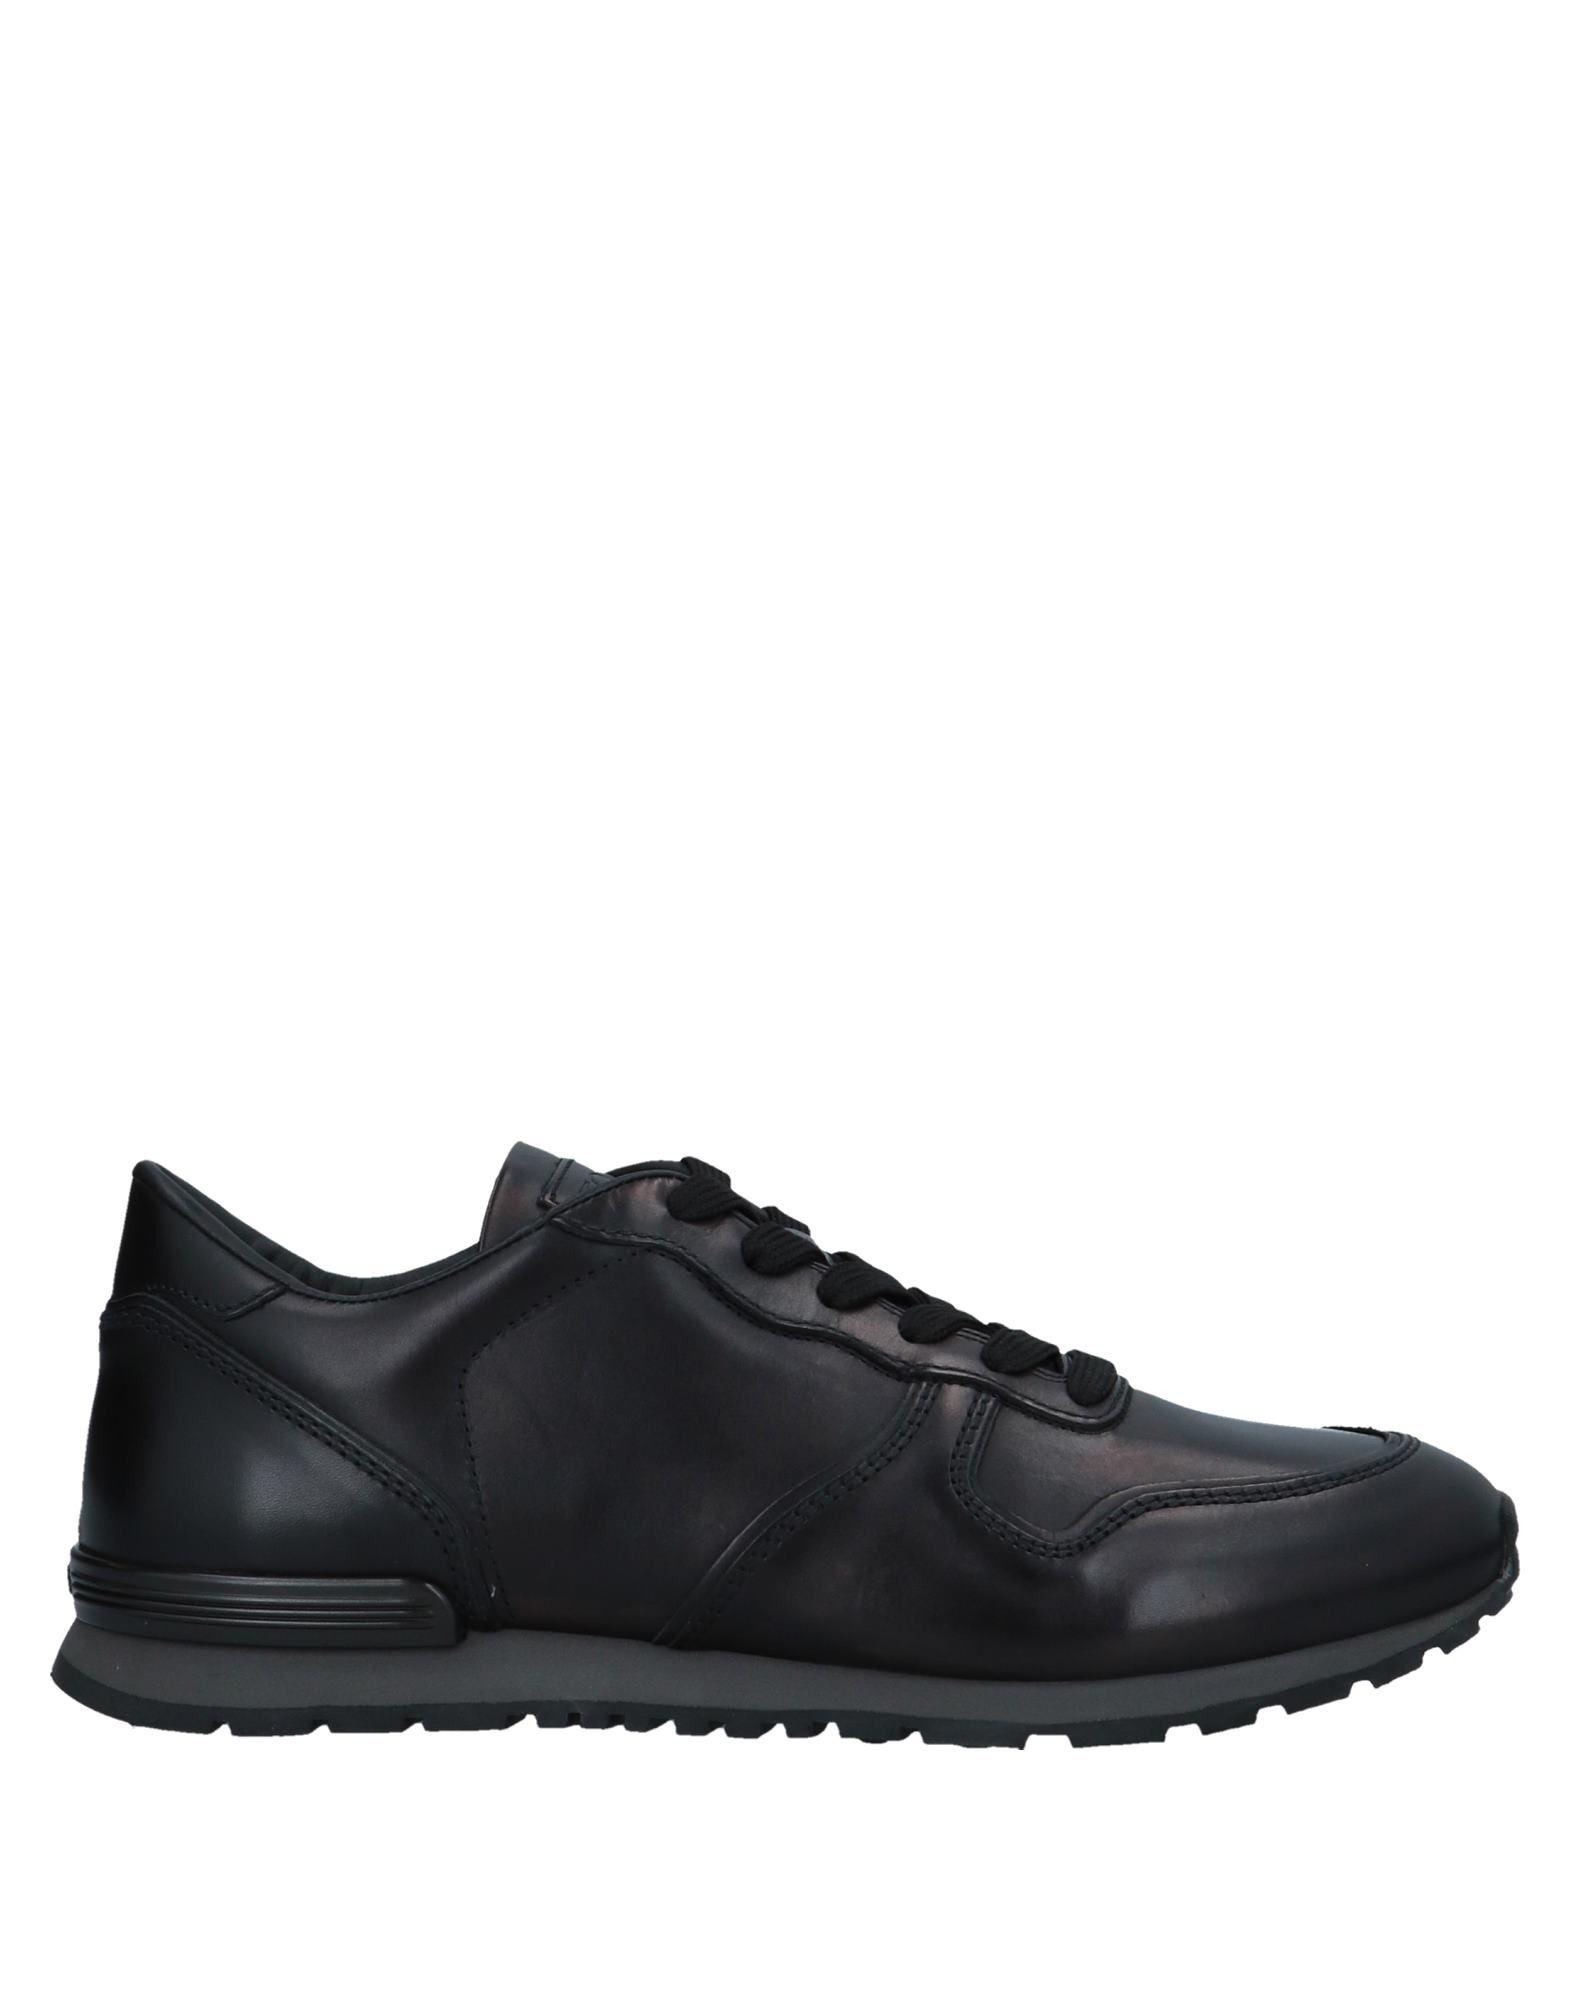 Tod's Sneakers Herren  11541137BJ Gute Qualität beliebte Schuhe